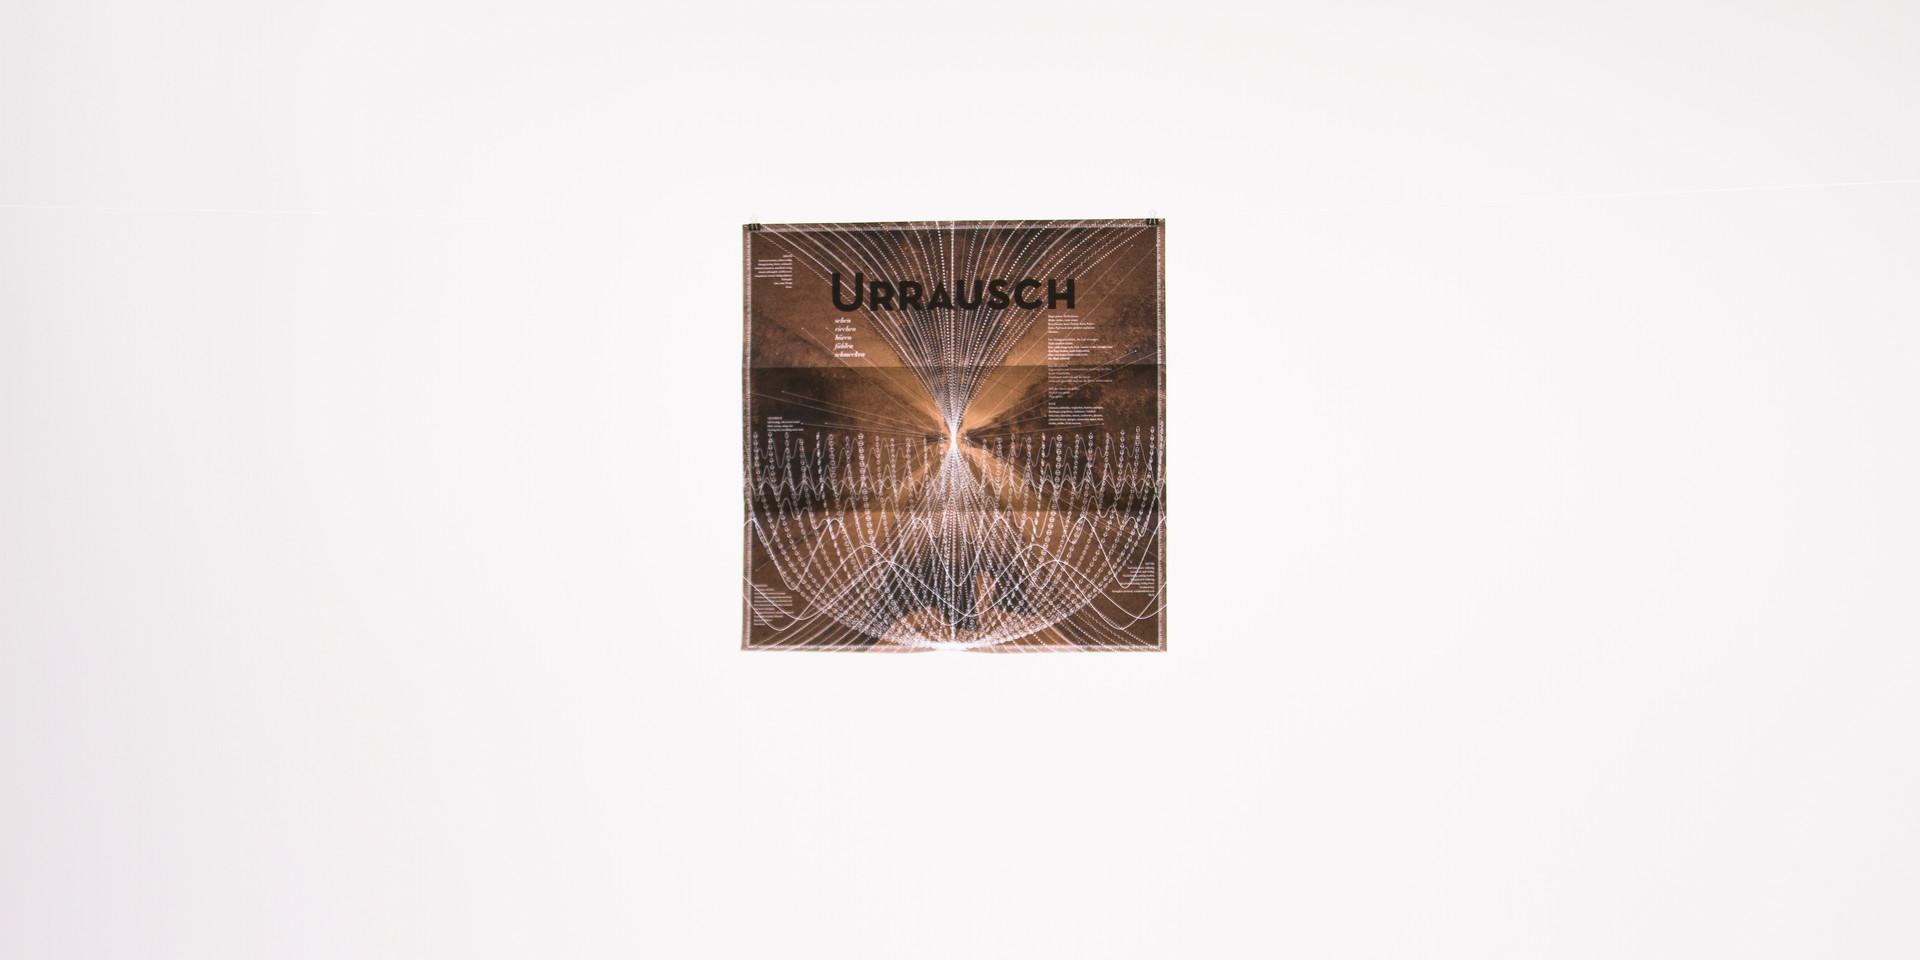 URRAUSCH